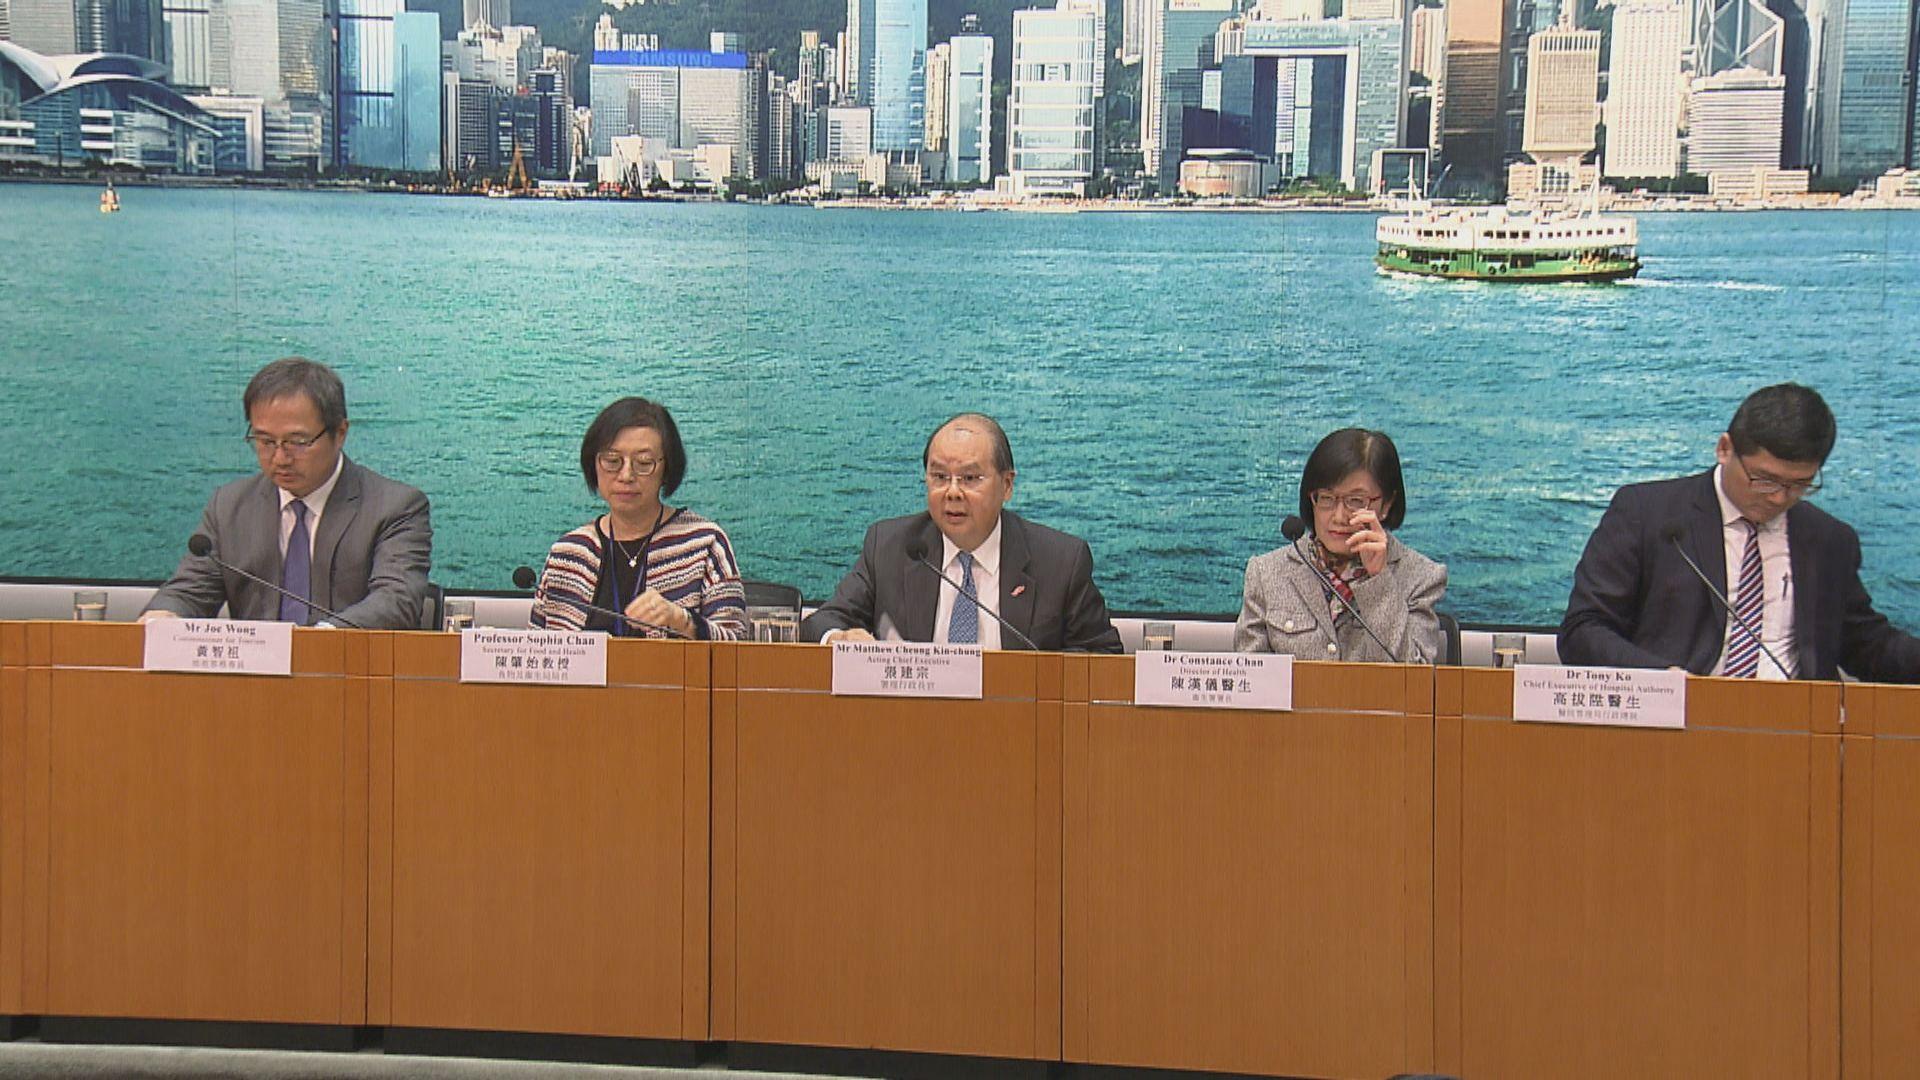 因應最新疫情 擴大旅客健康申報至高鐵西九龍站